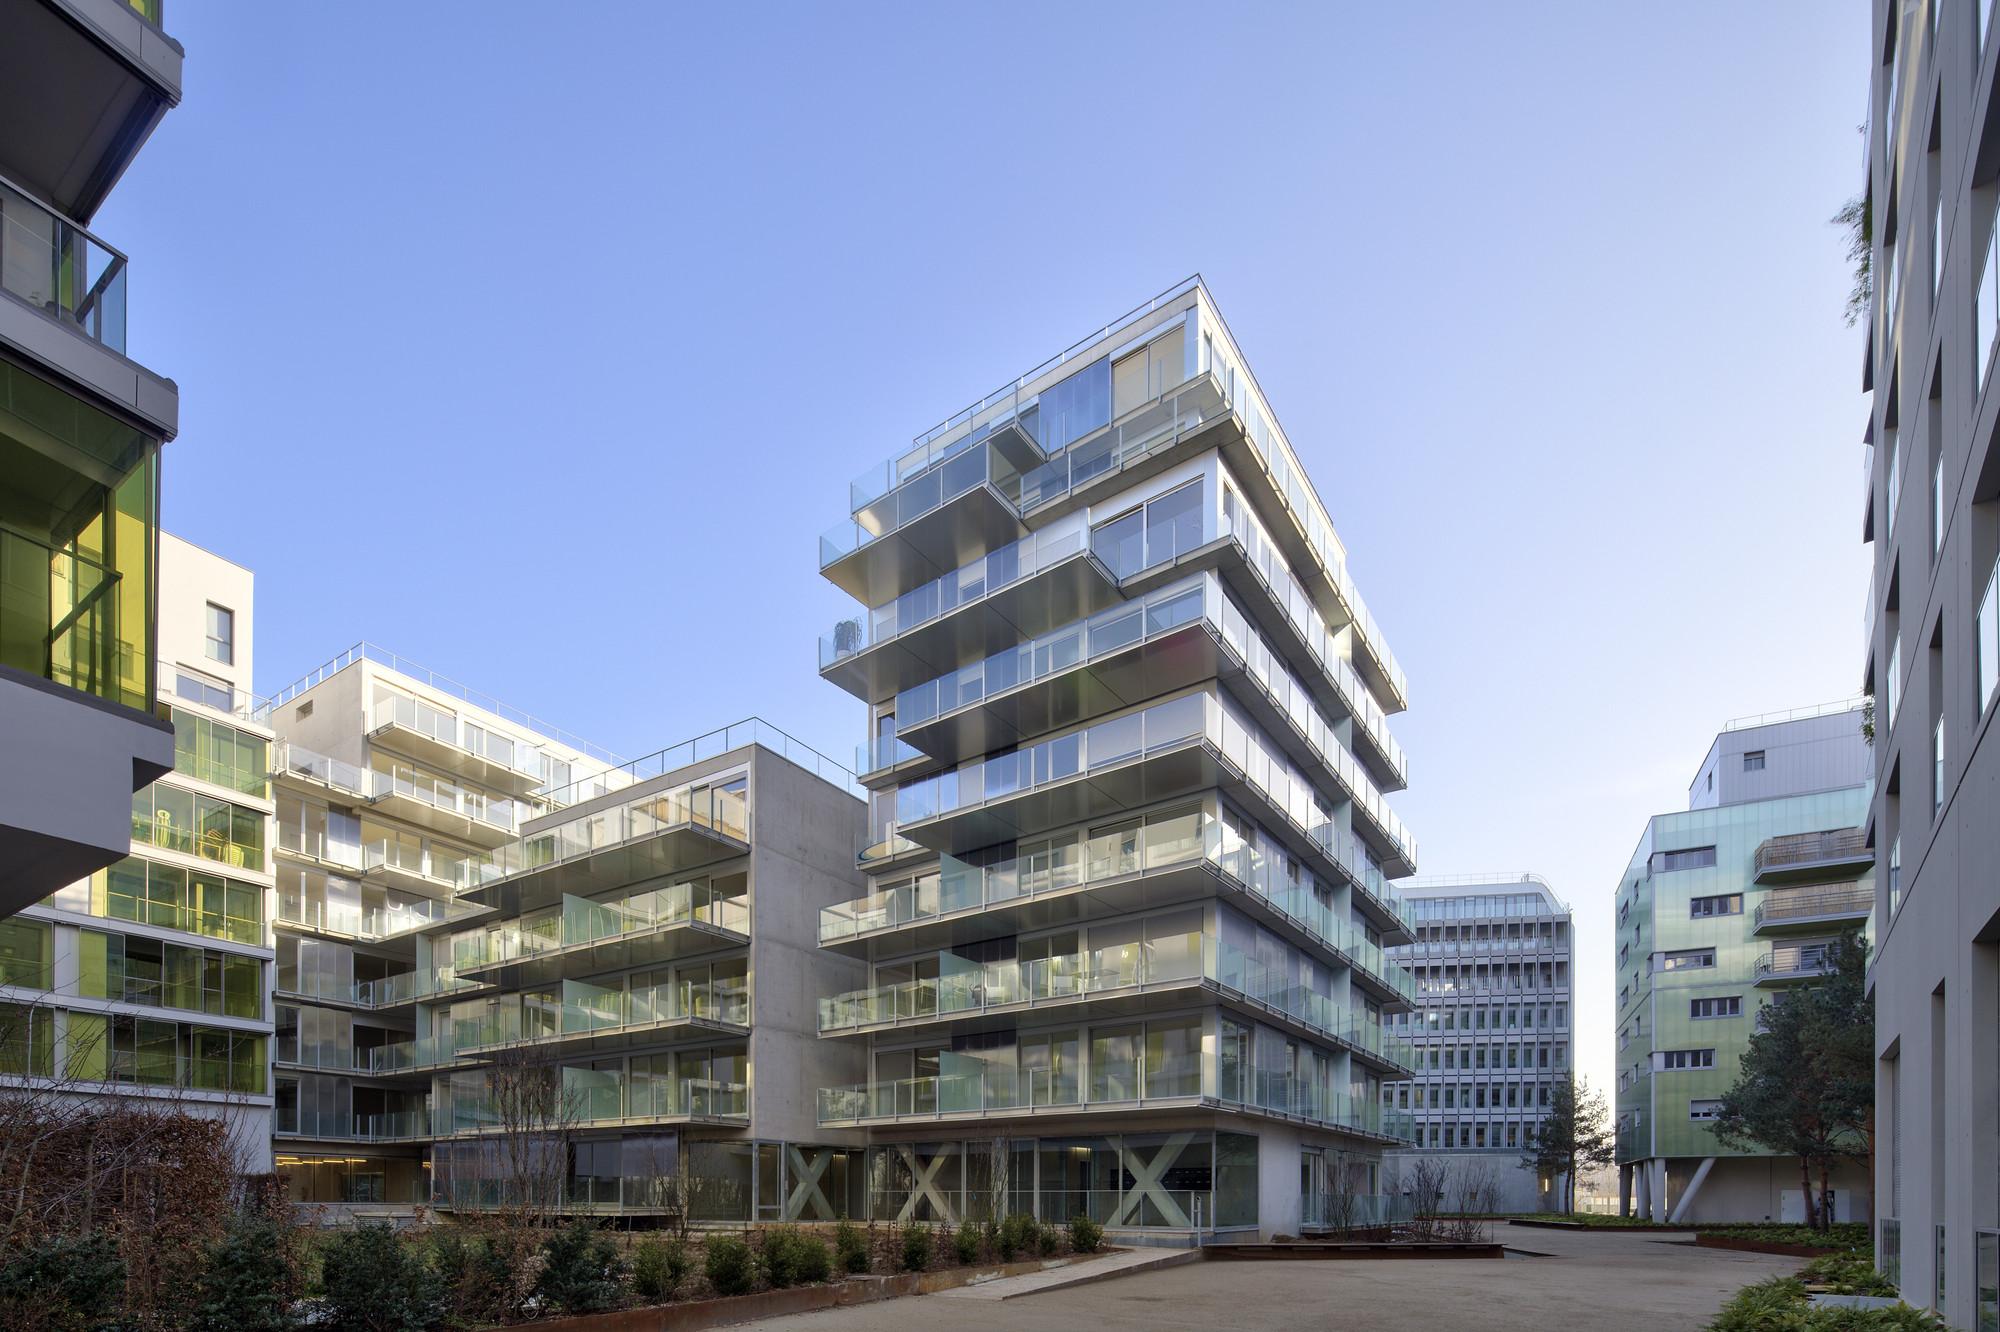 73 apartments ZAC Seguin Rives de Seine - Lot B3B / Philippe Dubus Architectes, © Michel Denancé